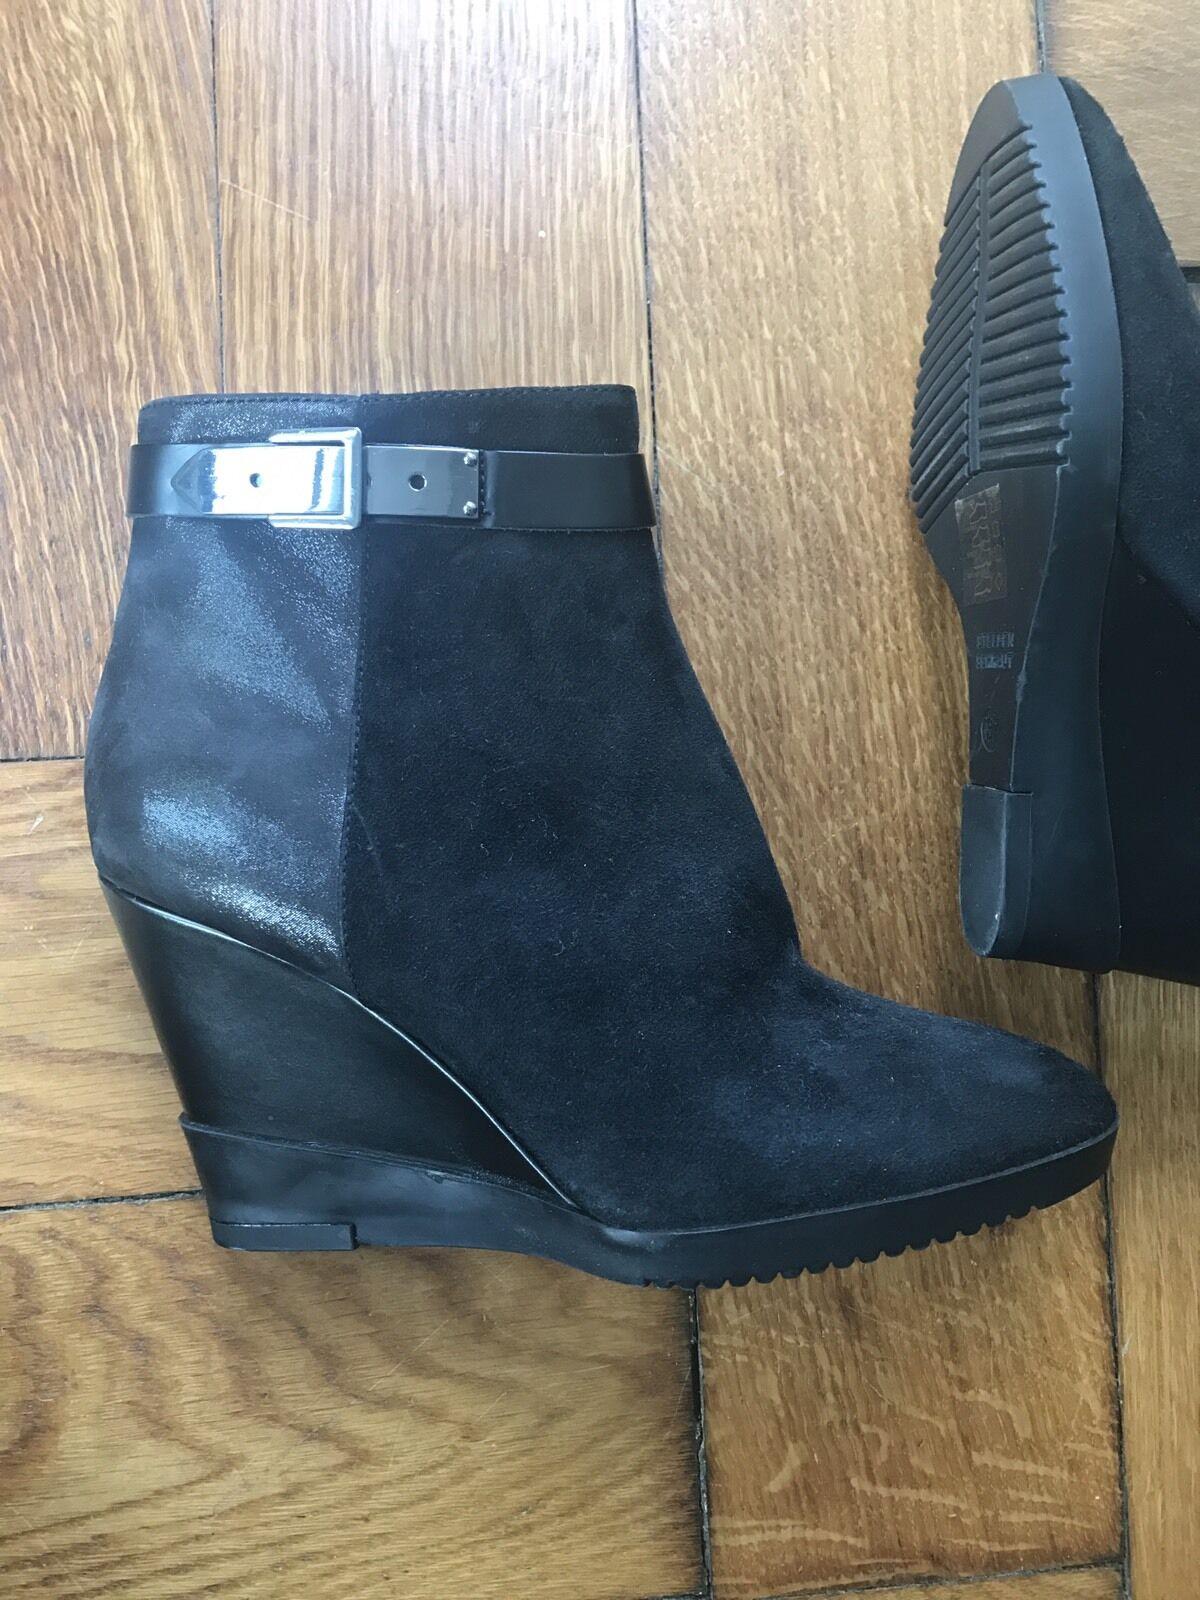 STEFFEN SCHRAUT Schuhe, Plateau, Stiefel, Stiefelies, Schwarz, 37, wie Neu